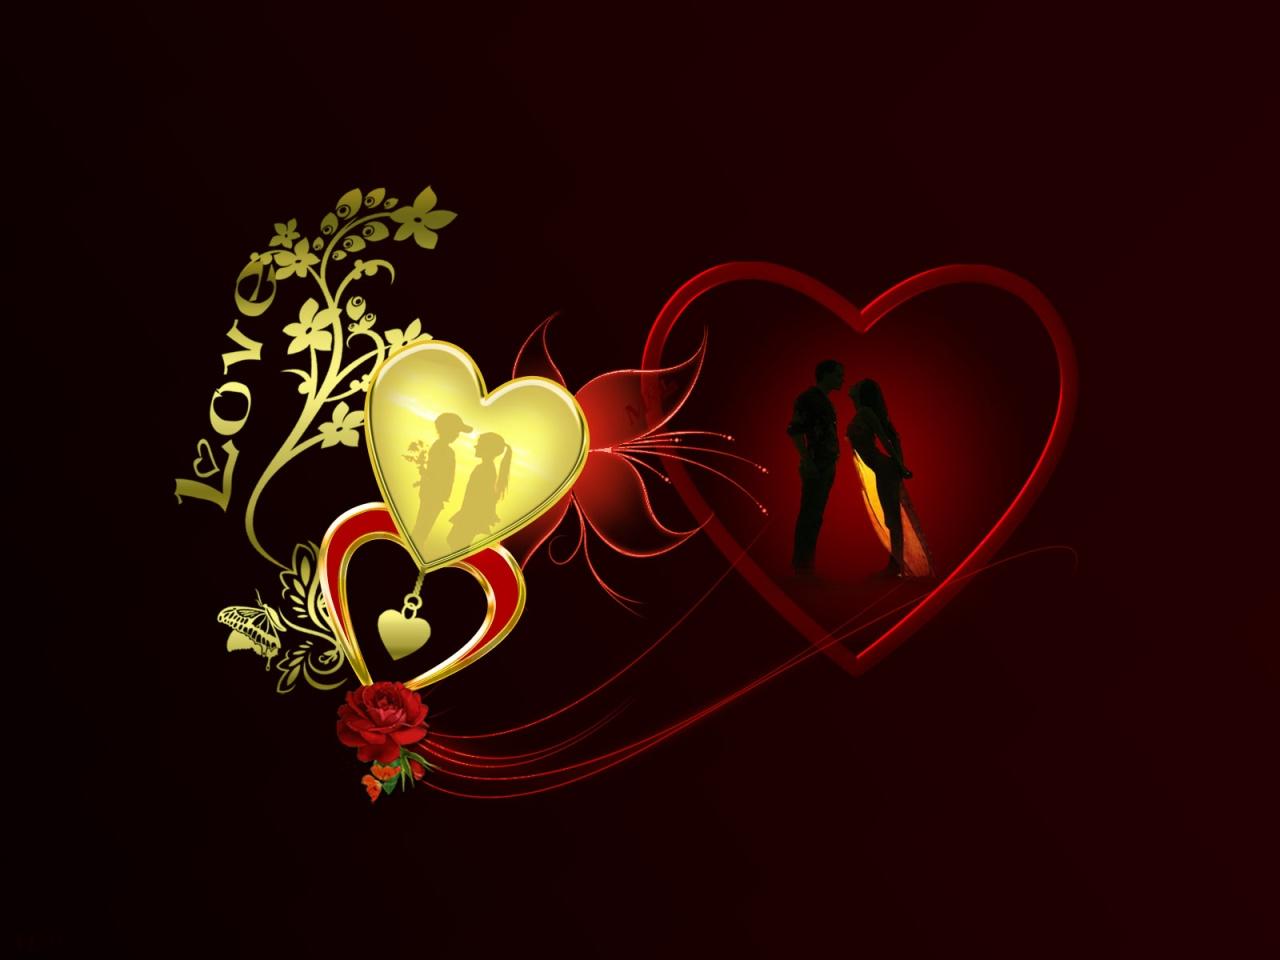 بالصور خلفيات قلوب للكمبيوتر , صور لاجمل قلوب علي الاب توب 3172 7